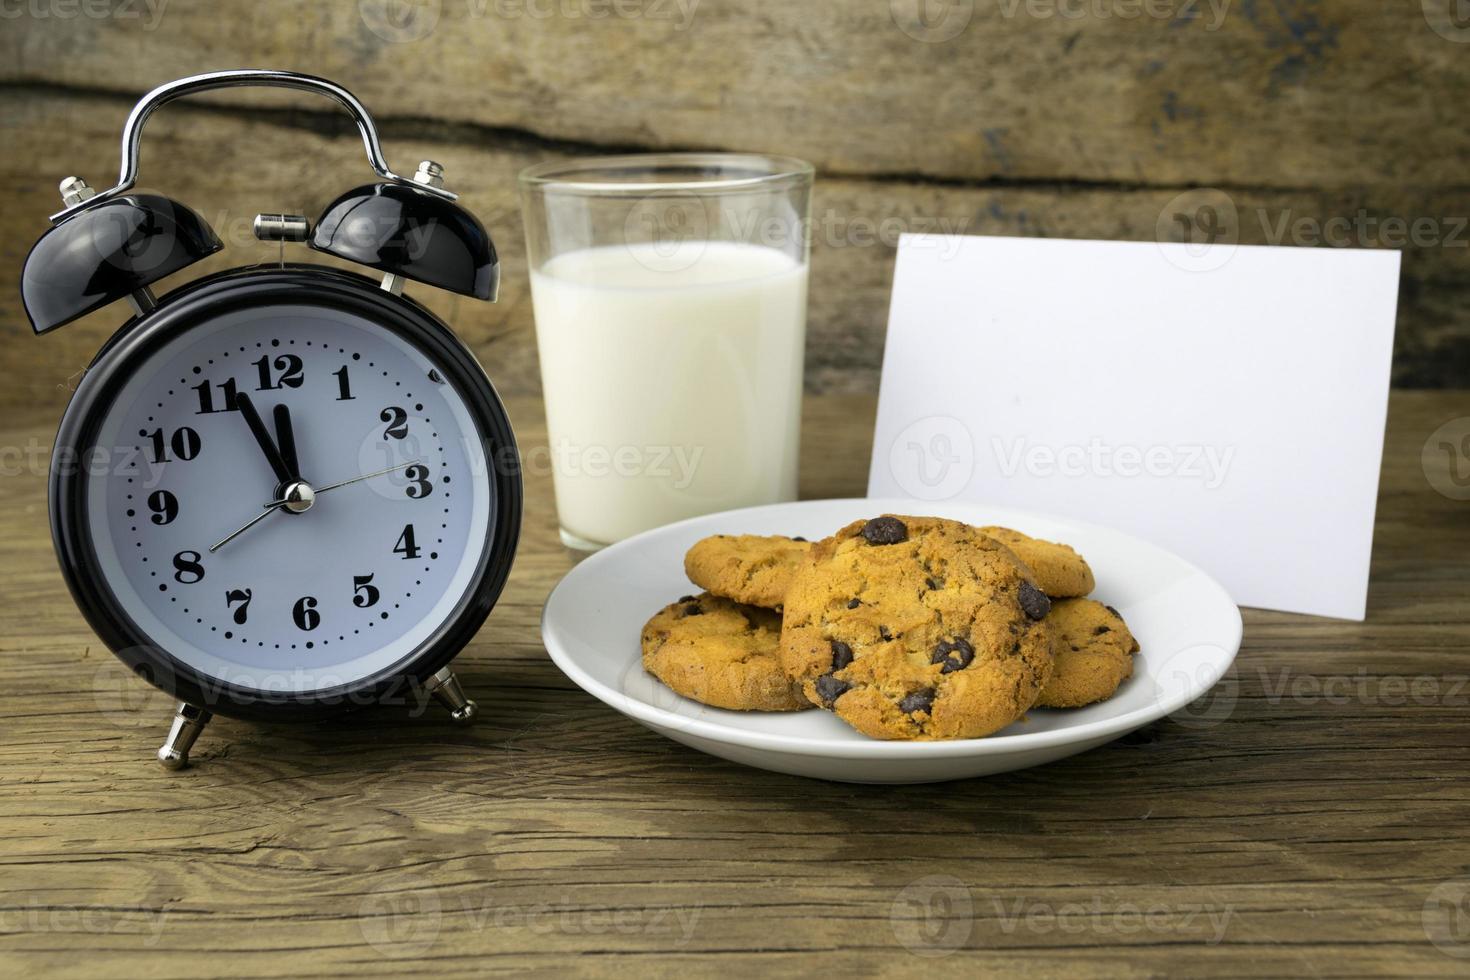 biscuits pour le père noël photo